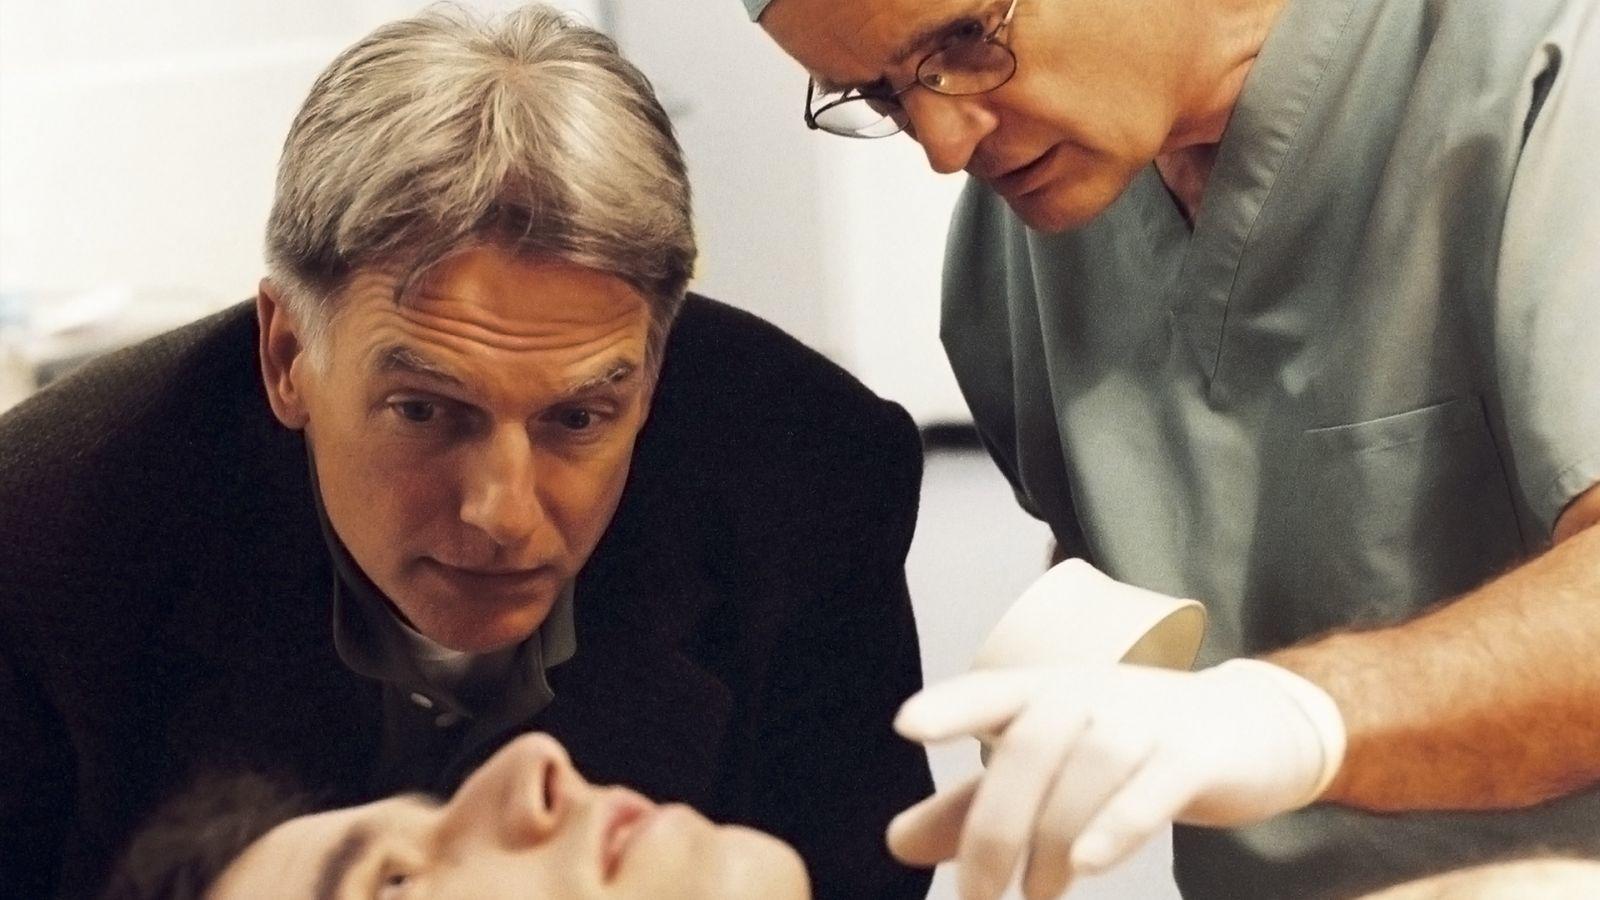 Hullákkal foglalkozni nap, mint nap kevés embernek álommeló. A halottkém feladata, hogy meghatározza a halál okát. Ezt pedig a holttestet vizsgálva tudja eldönteni. A világ valamennyi törvényszéki orvosszakértője (CSI) számára kulcsfontosságú kolléga. (CBS)